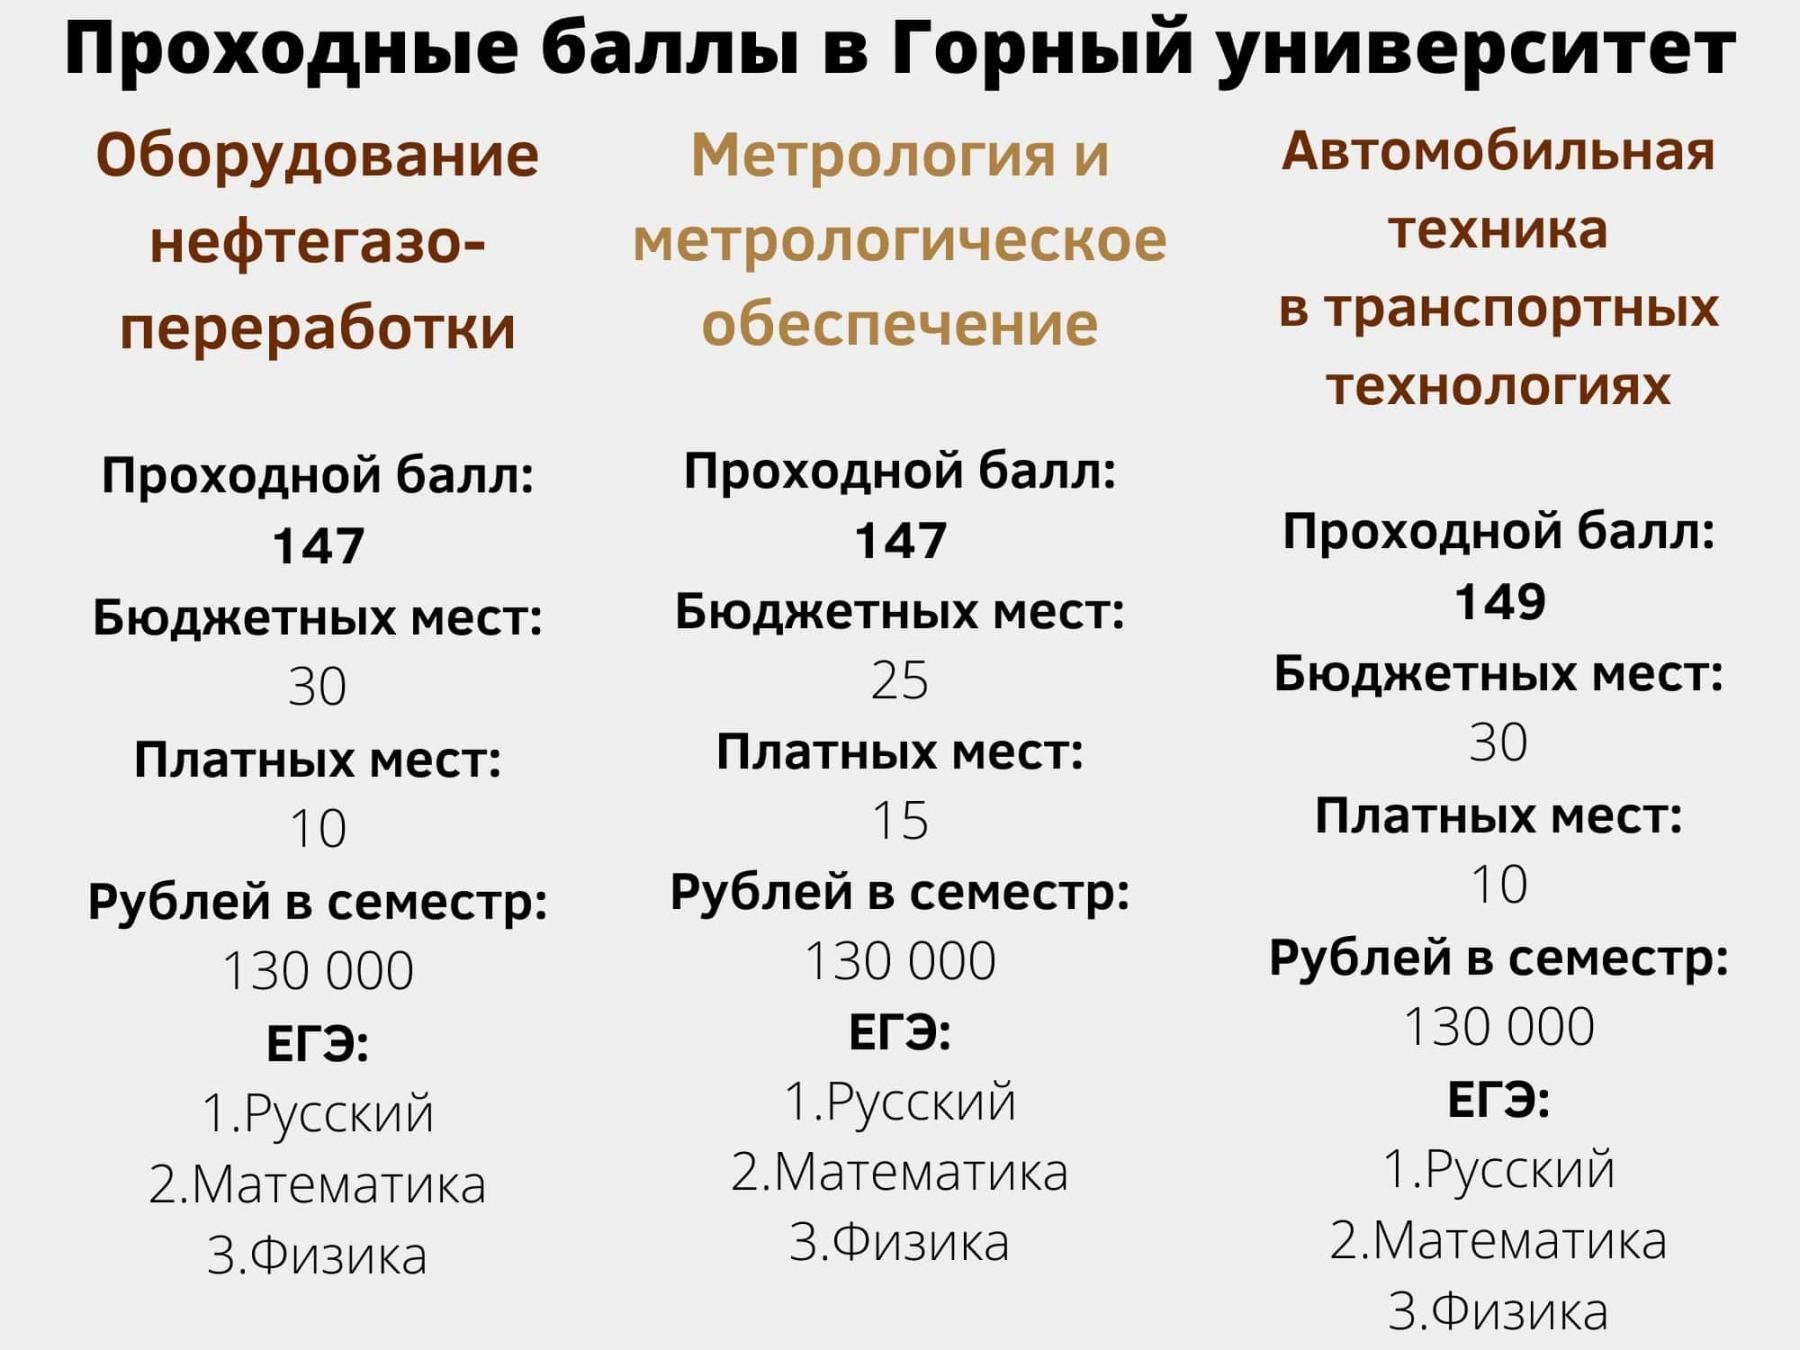 фото 7 вузов Санкт-Петербурга с самыми низкими баллами ЕГЭ на бюджет летом 2021 года 8